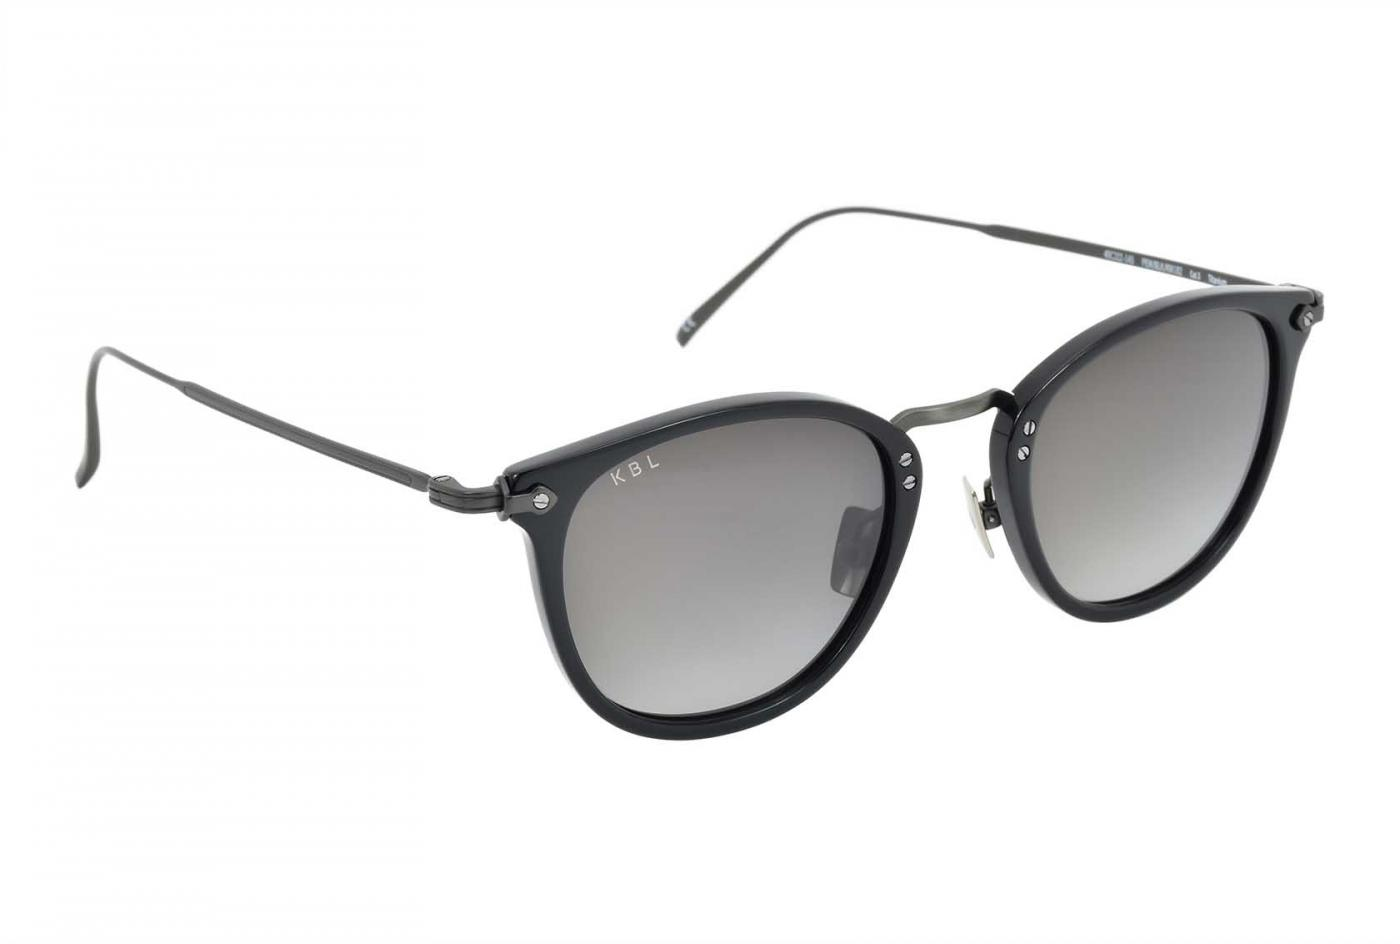 kbl eyewear – Kbl eastwood - eastwood- på brodersen + kobborg